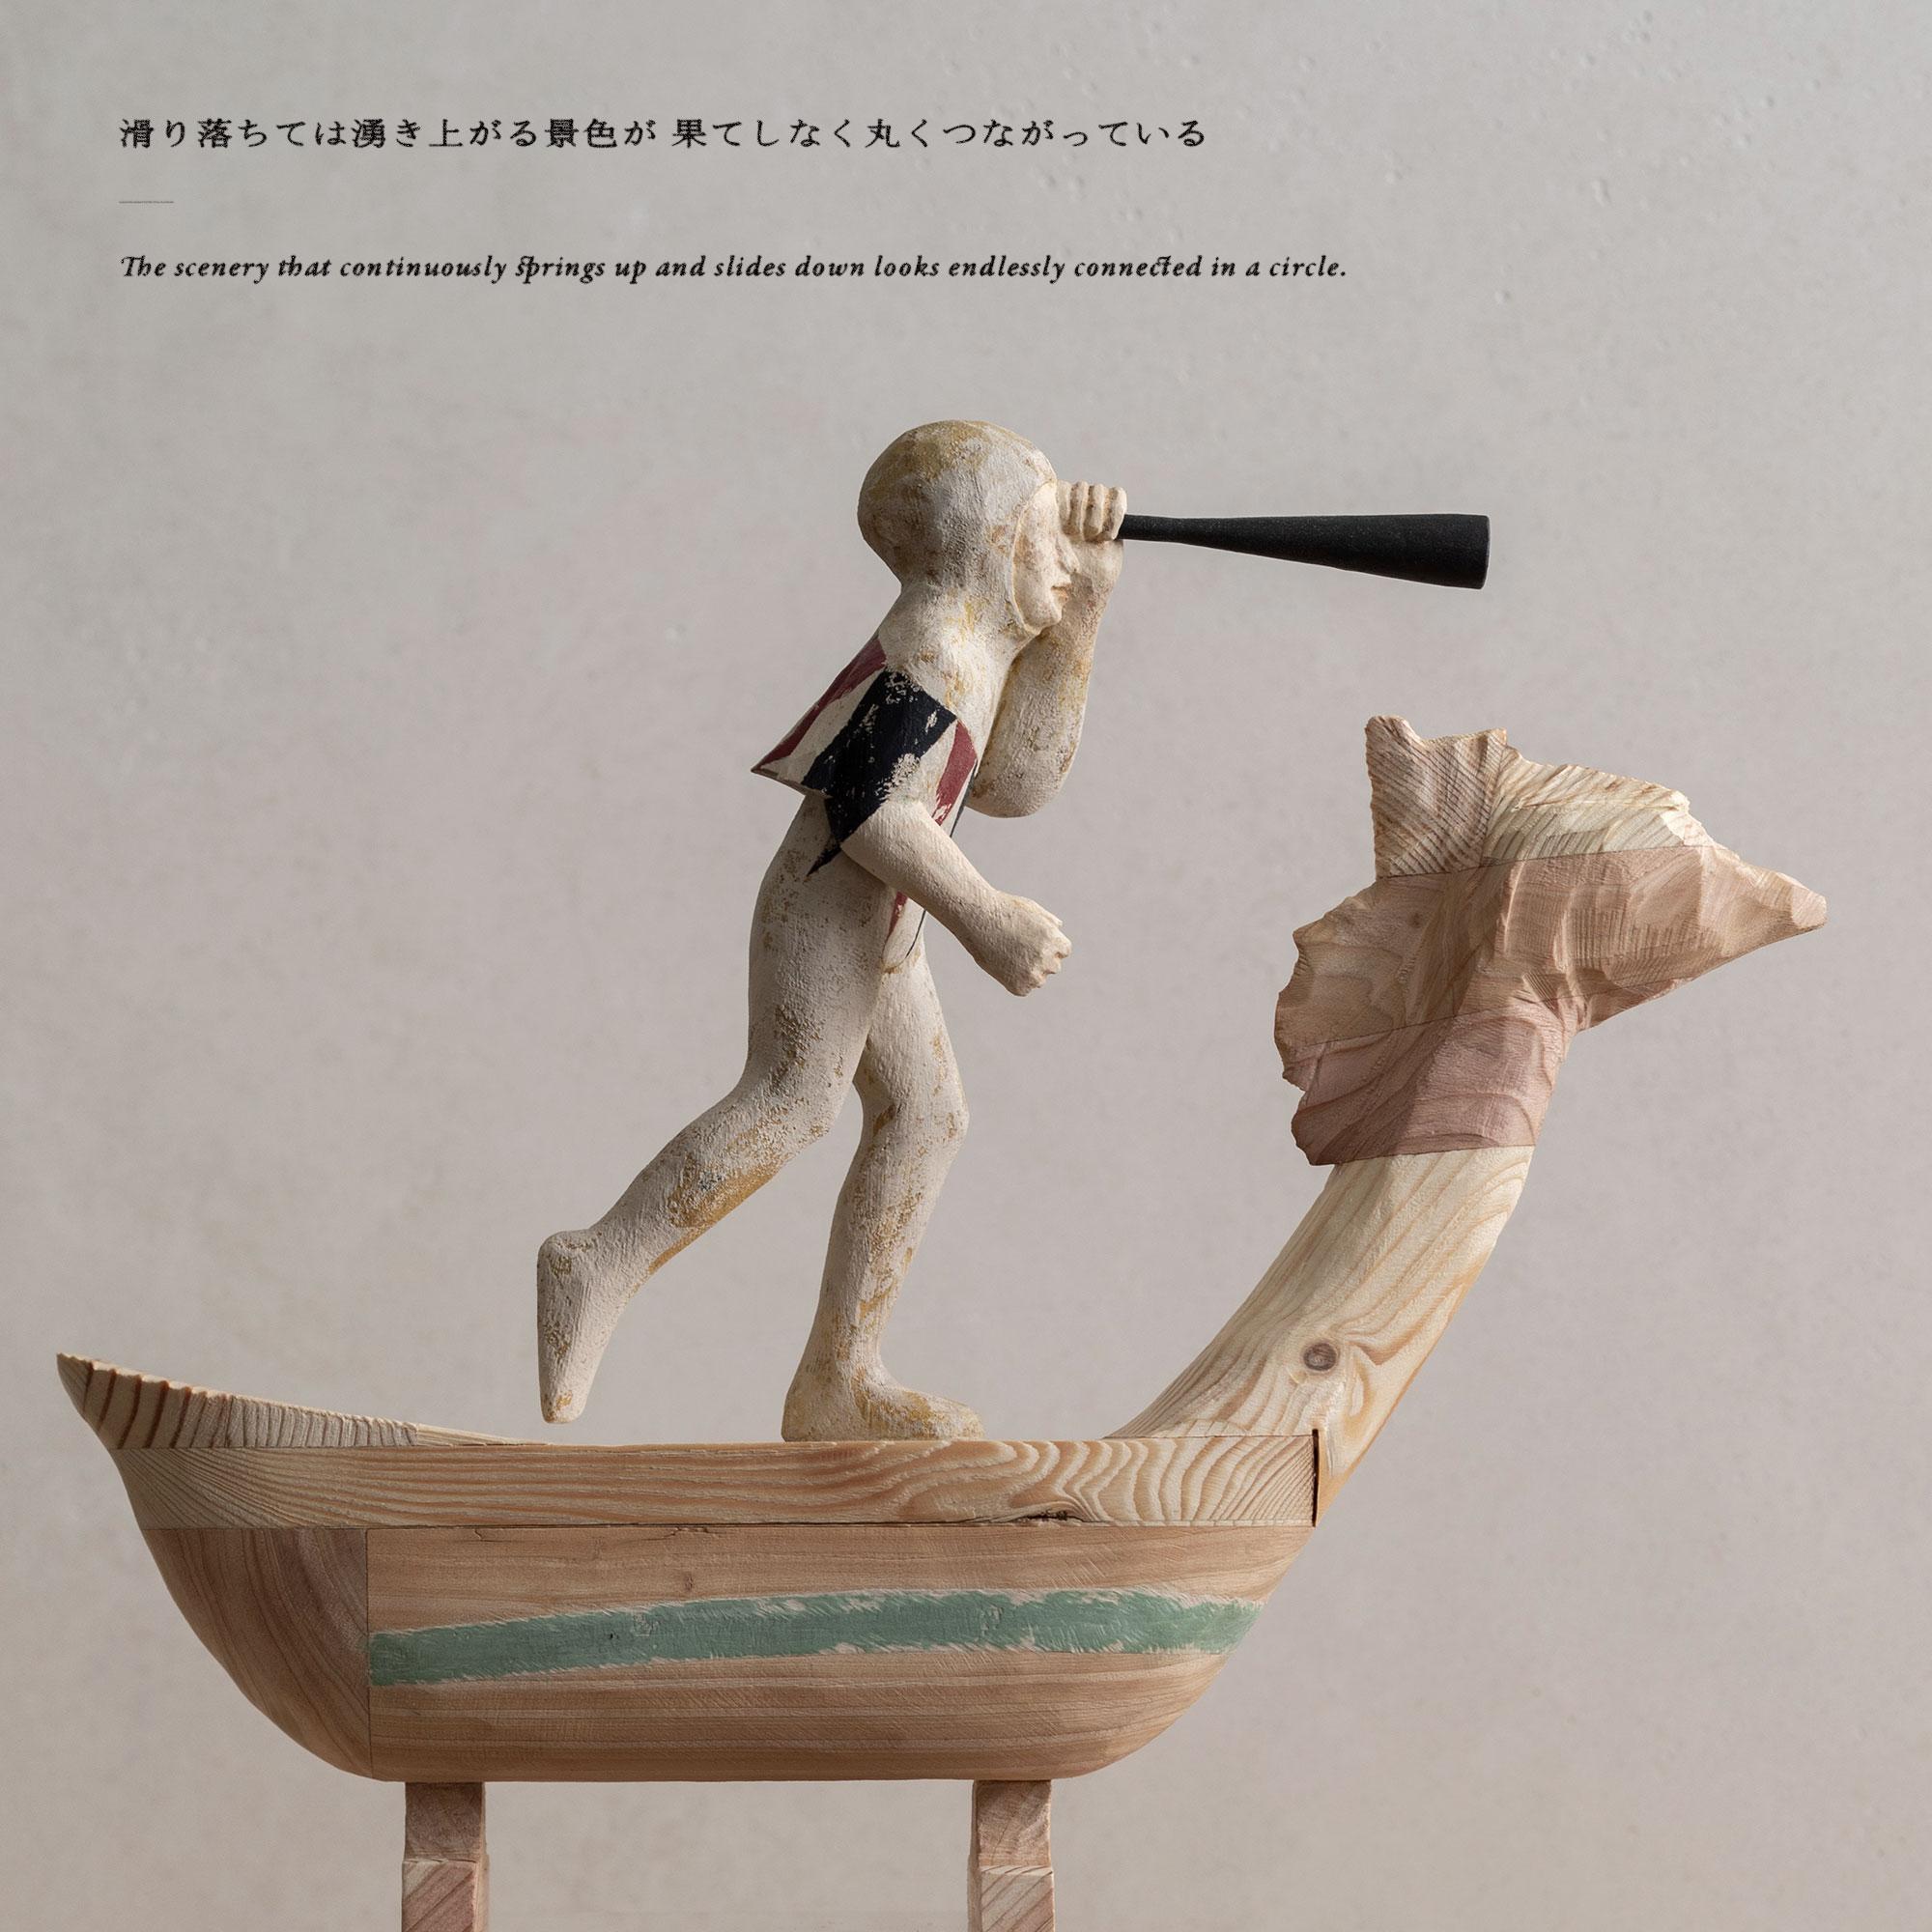 """Yuta NISHIURA """"動 Motion"""" #10 Oct. 2020  滑り落ちては湧き上がる景色が 果てしなく丸くつながっている"""